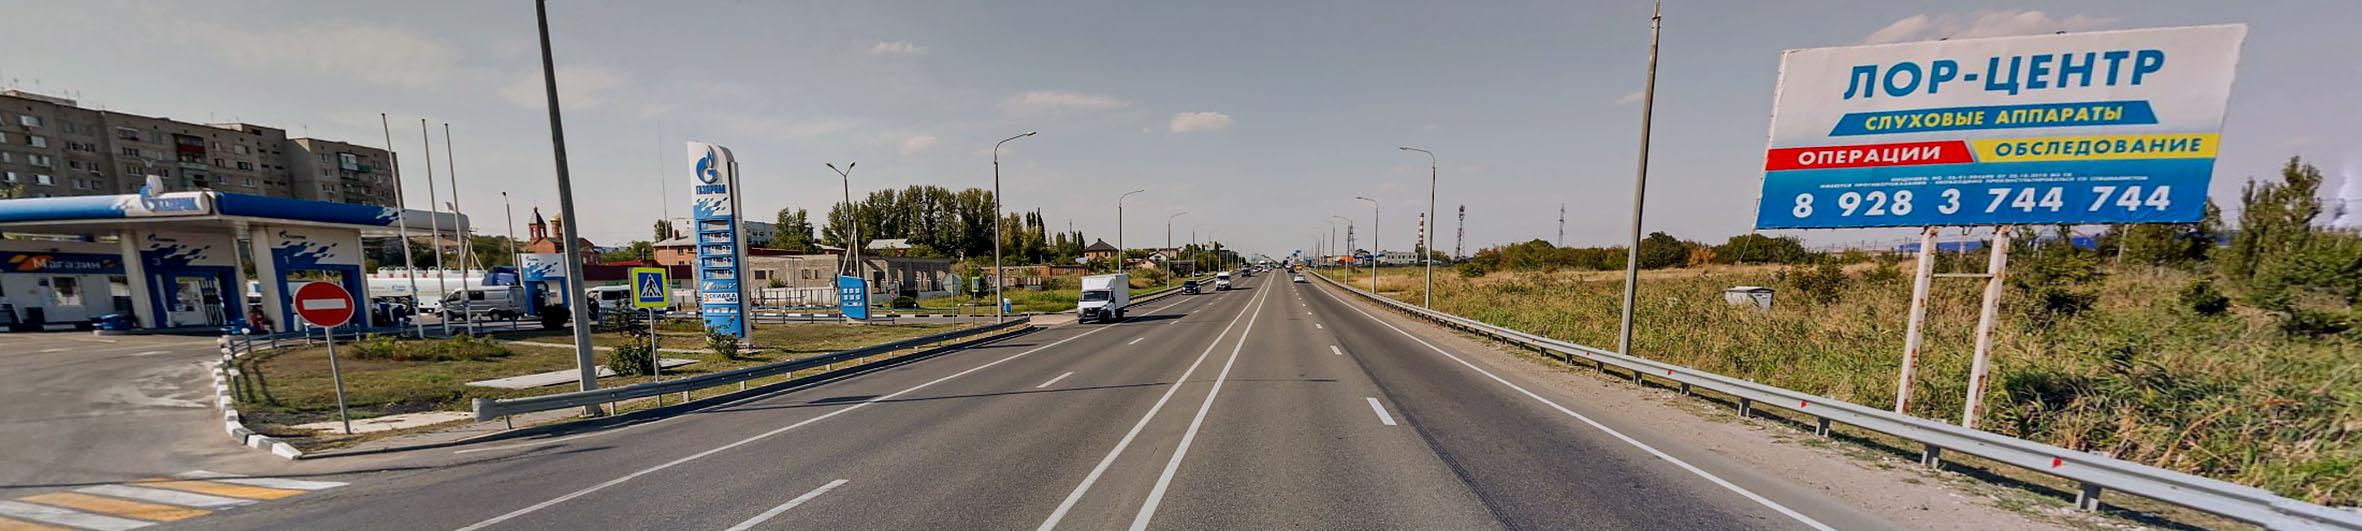 Реклама на билбордах в Ставропольском крае Мин.Воды